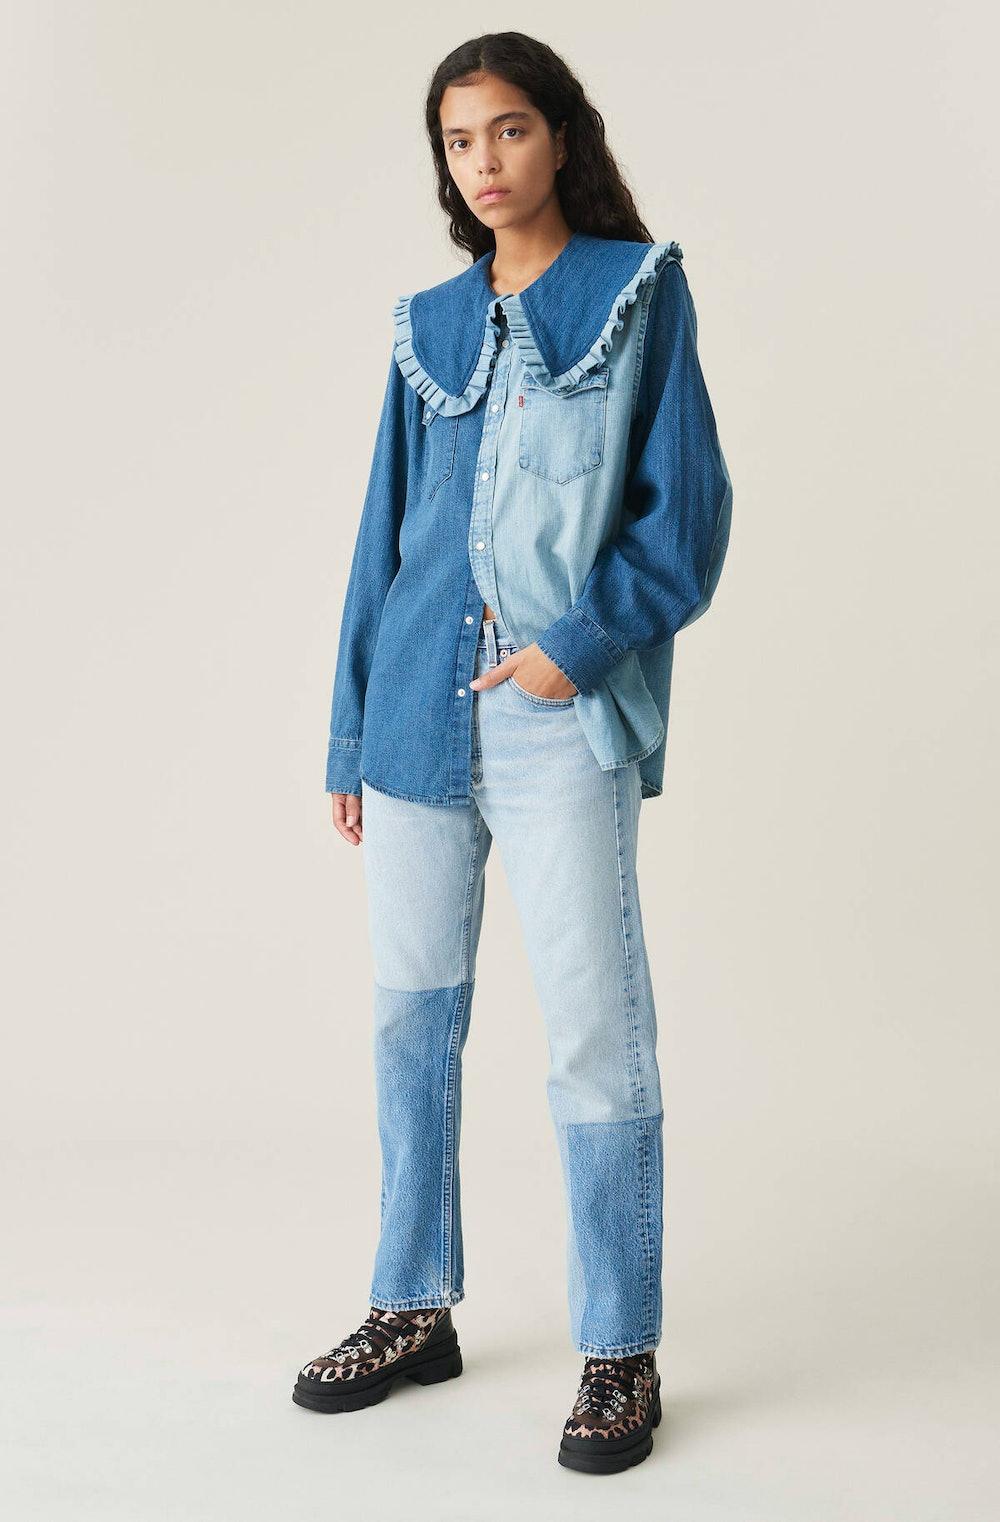 Upcycled Western Shirt